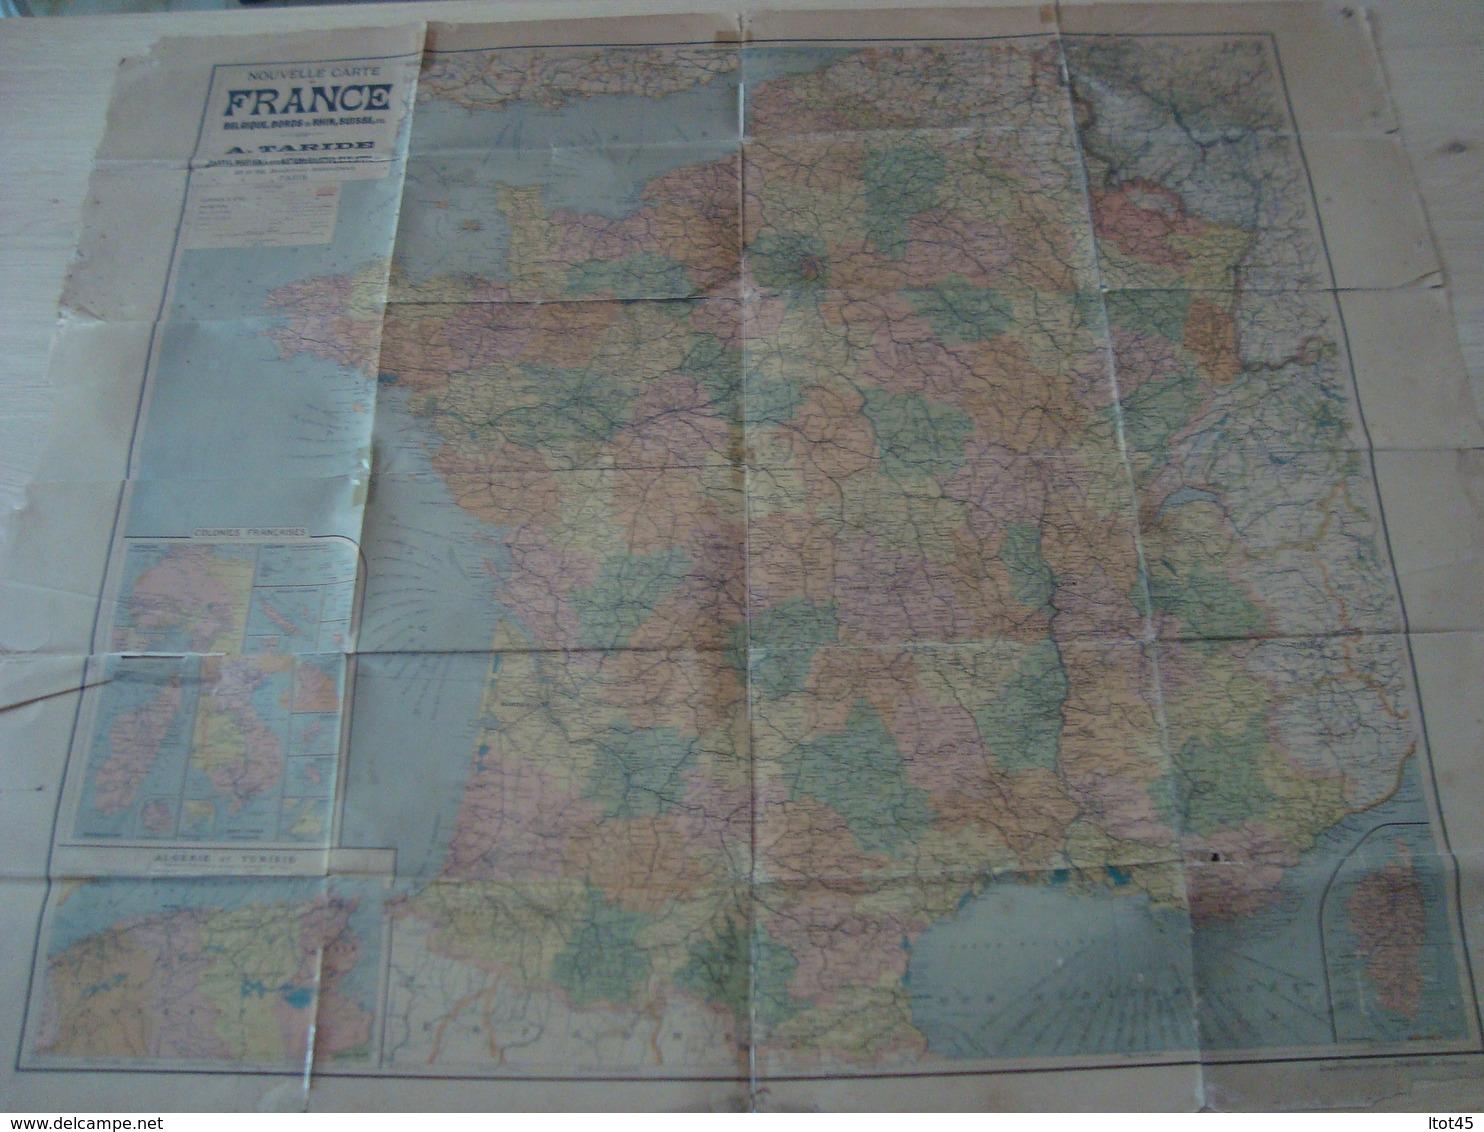 CARTE ROUTIERE TARIDE LA FRANCE ET LES COLONIES FRANCAISES ZONE D'OCCUPATION - Cartes Routières